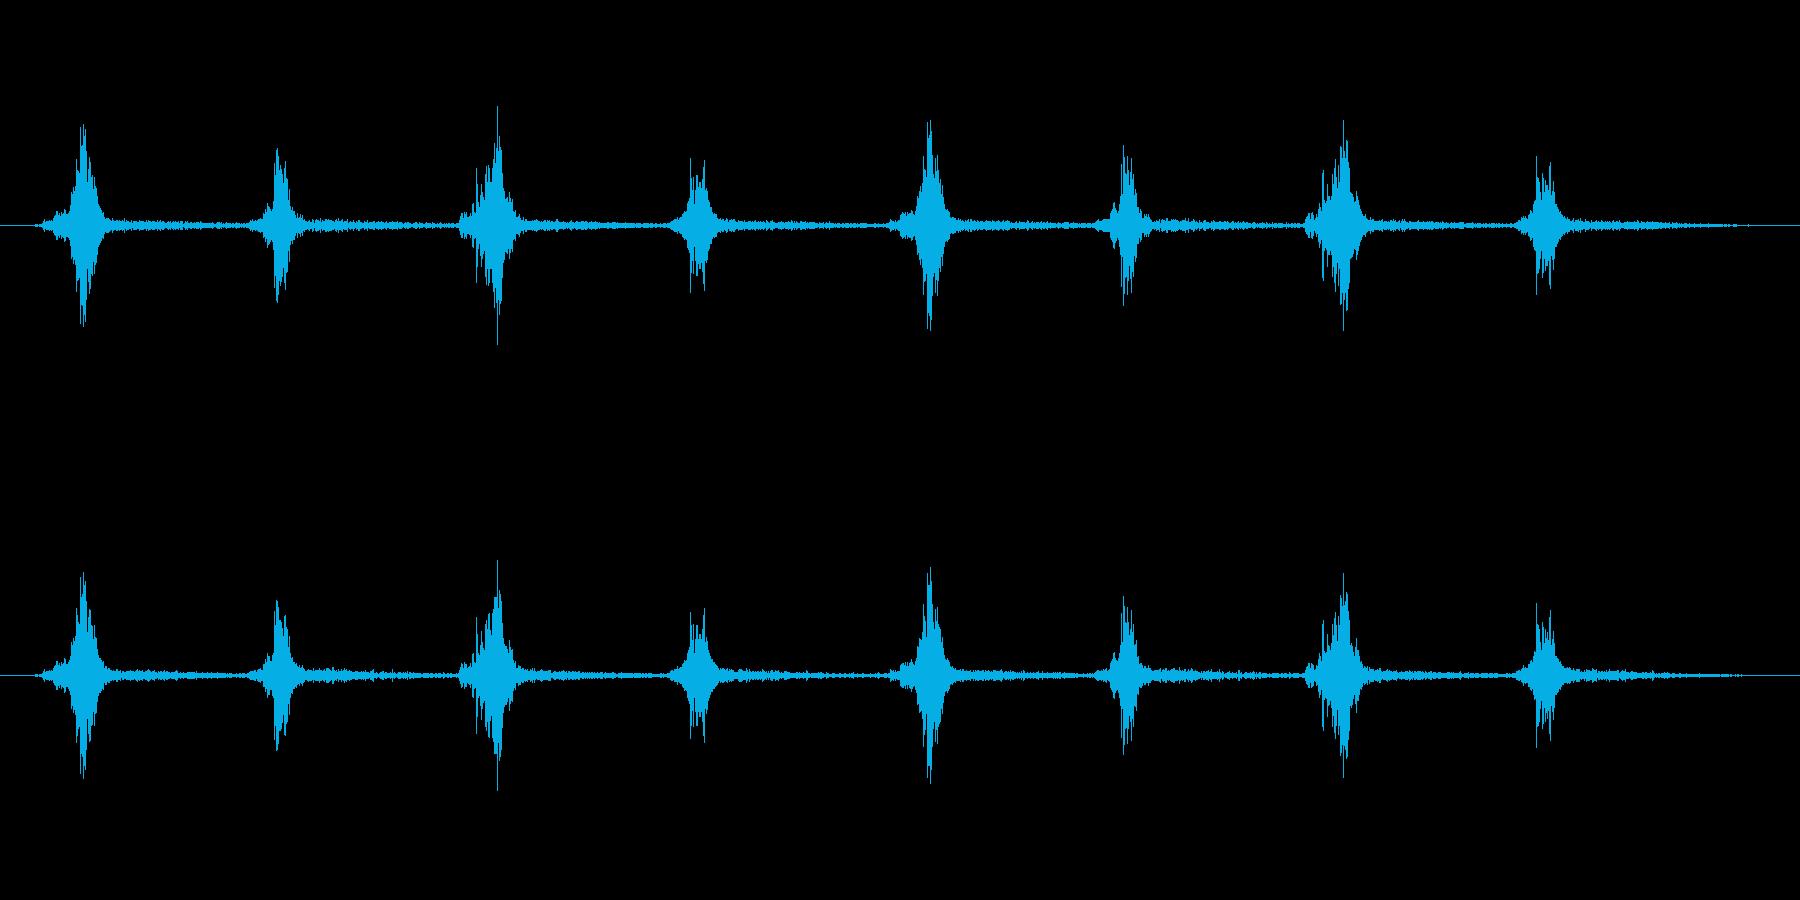 鎧を装備した足音の再生済みの波形